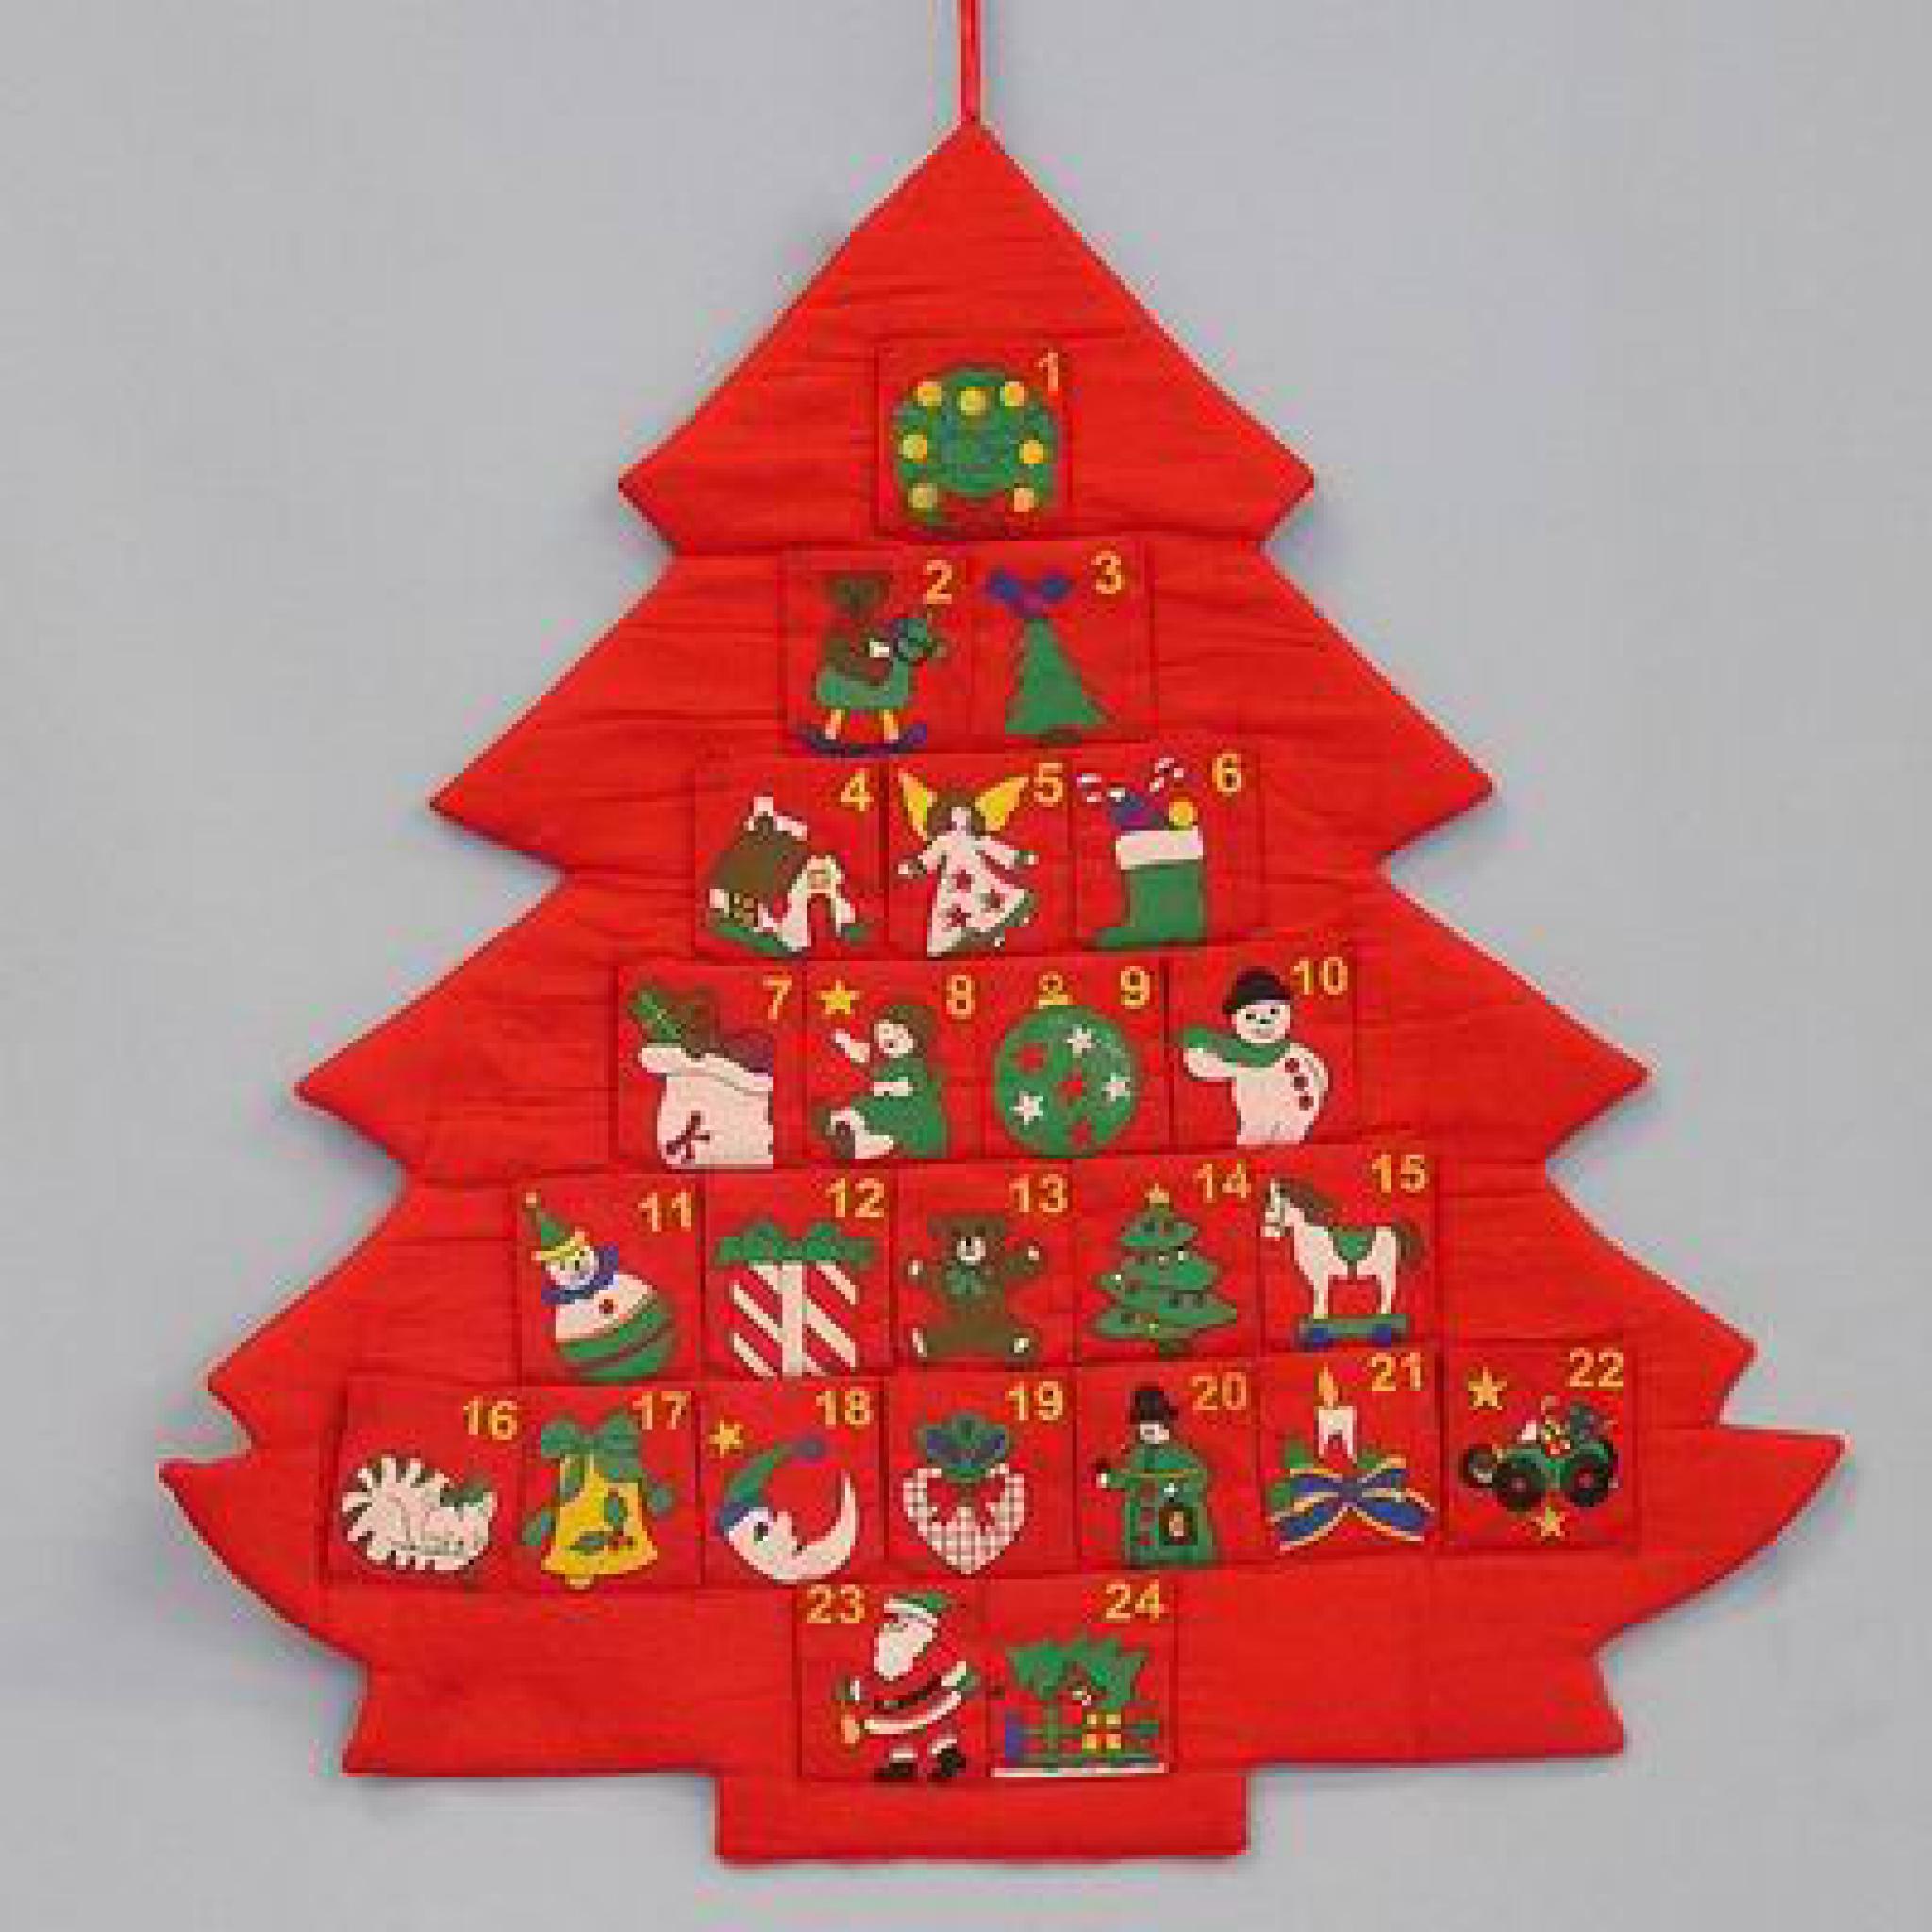 www adventni kalendar Adventní kalendář pro děti / Diskuze | ProMaminky.cz www adventni kalendar